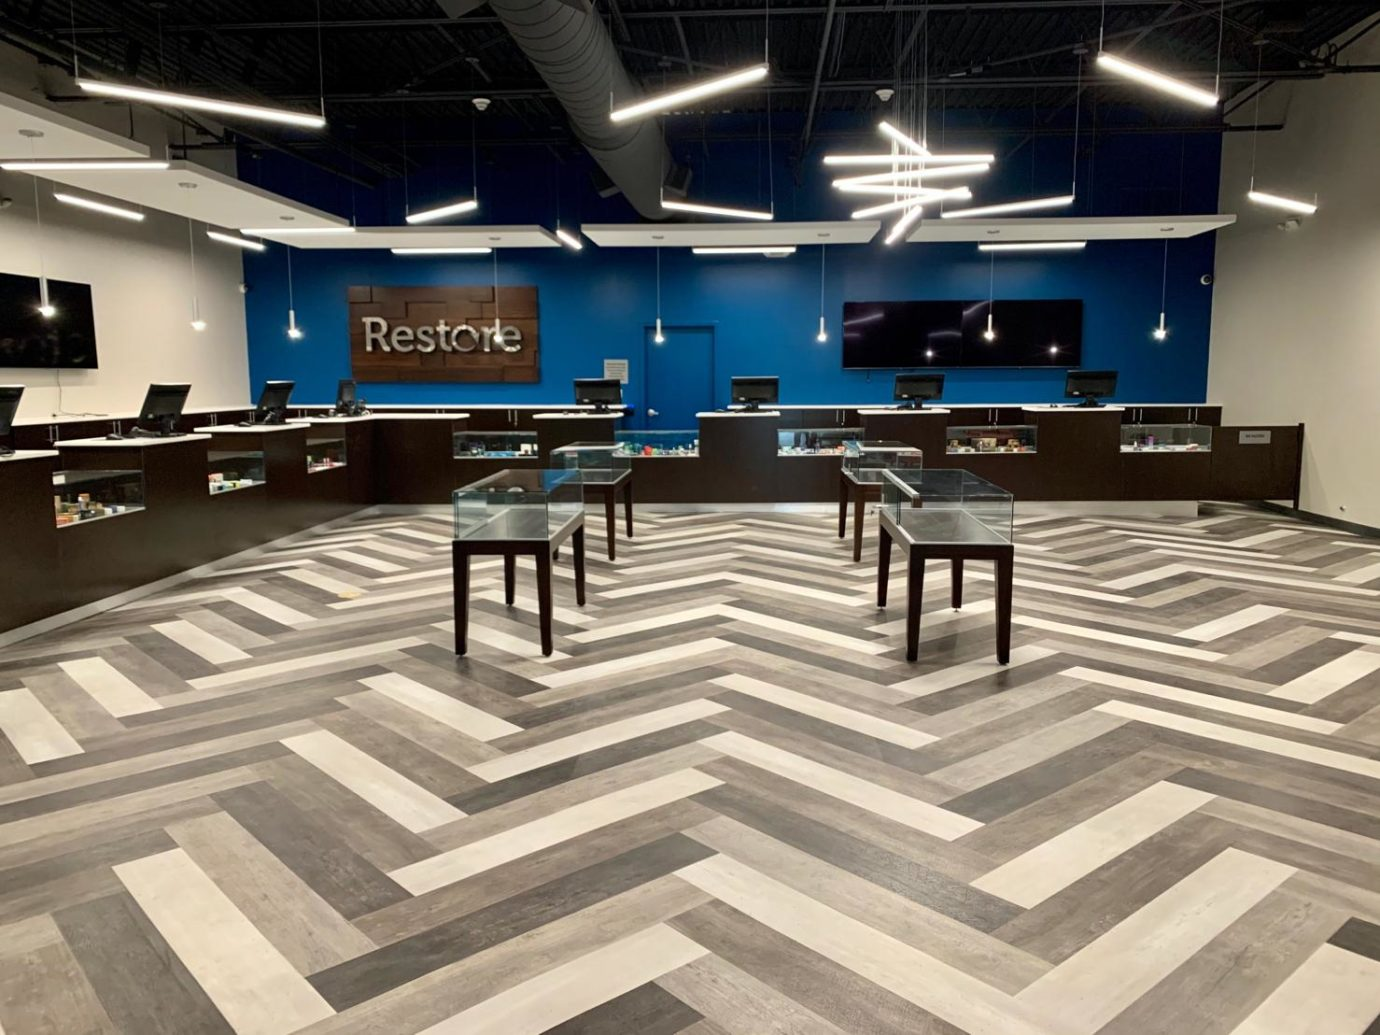 Ref Restore